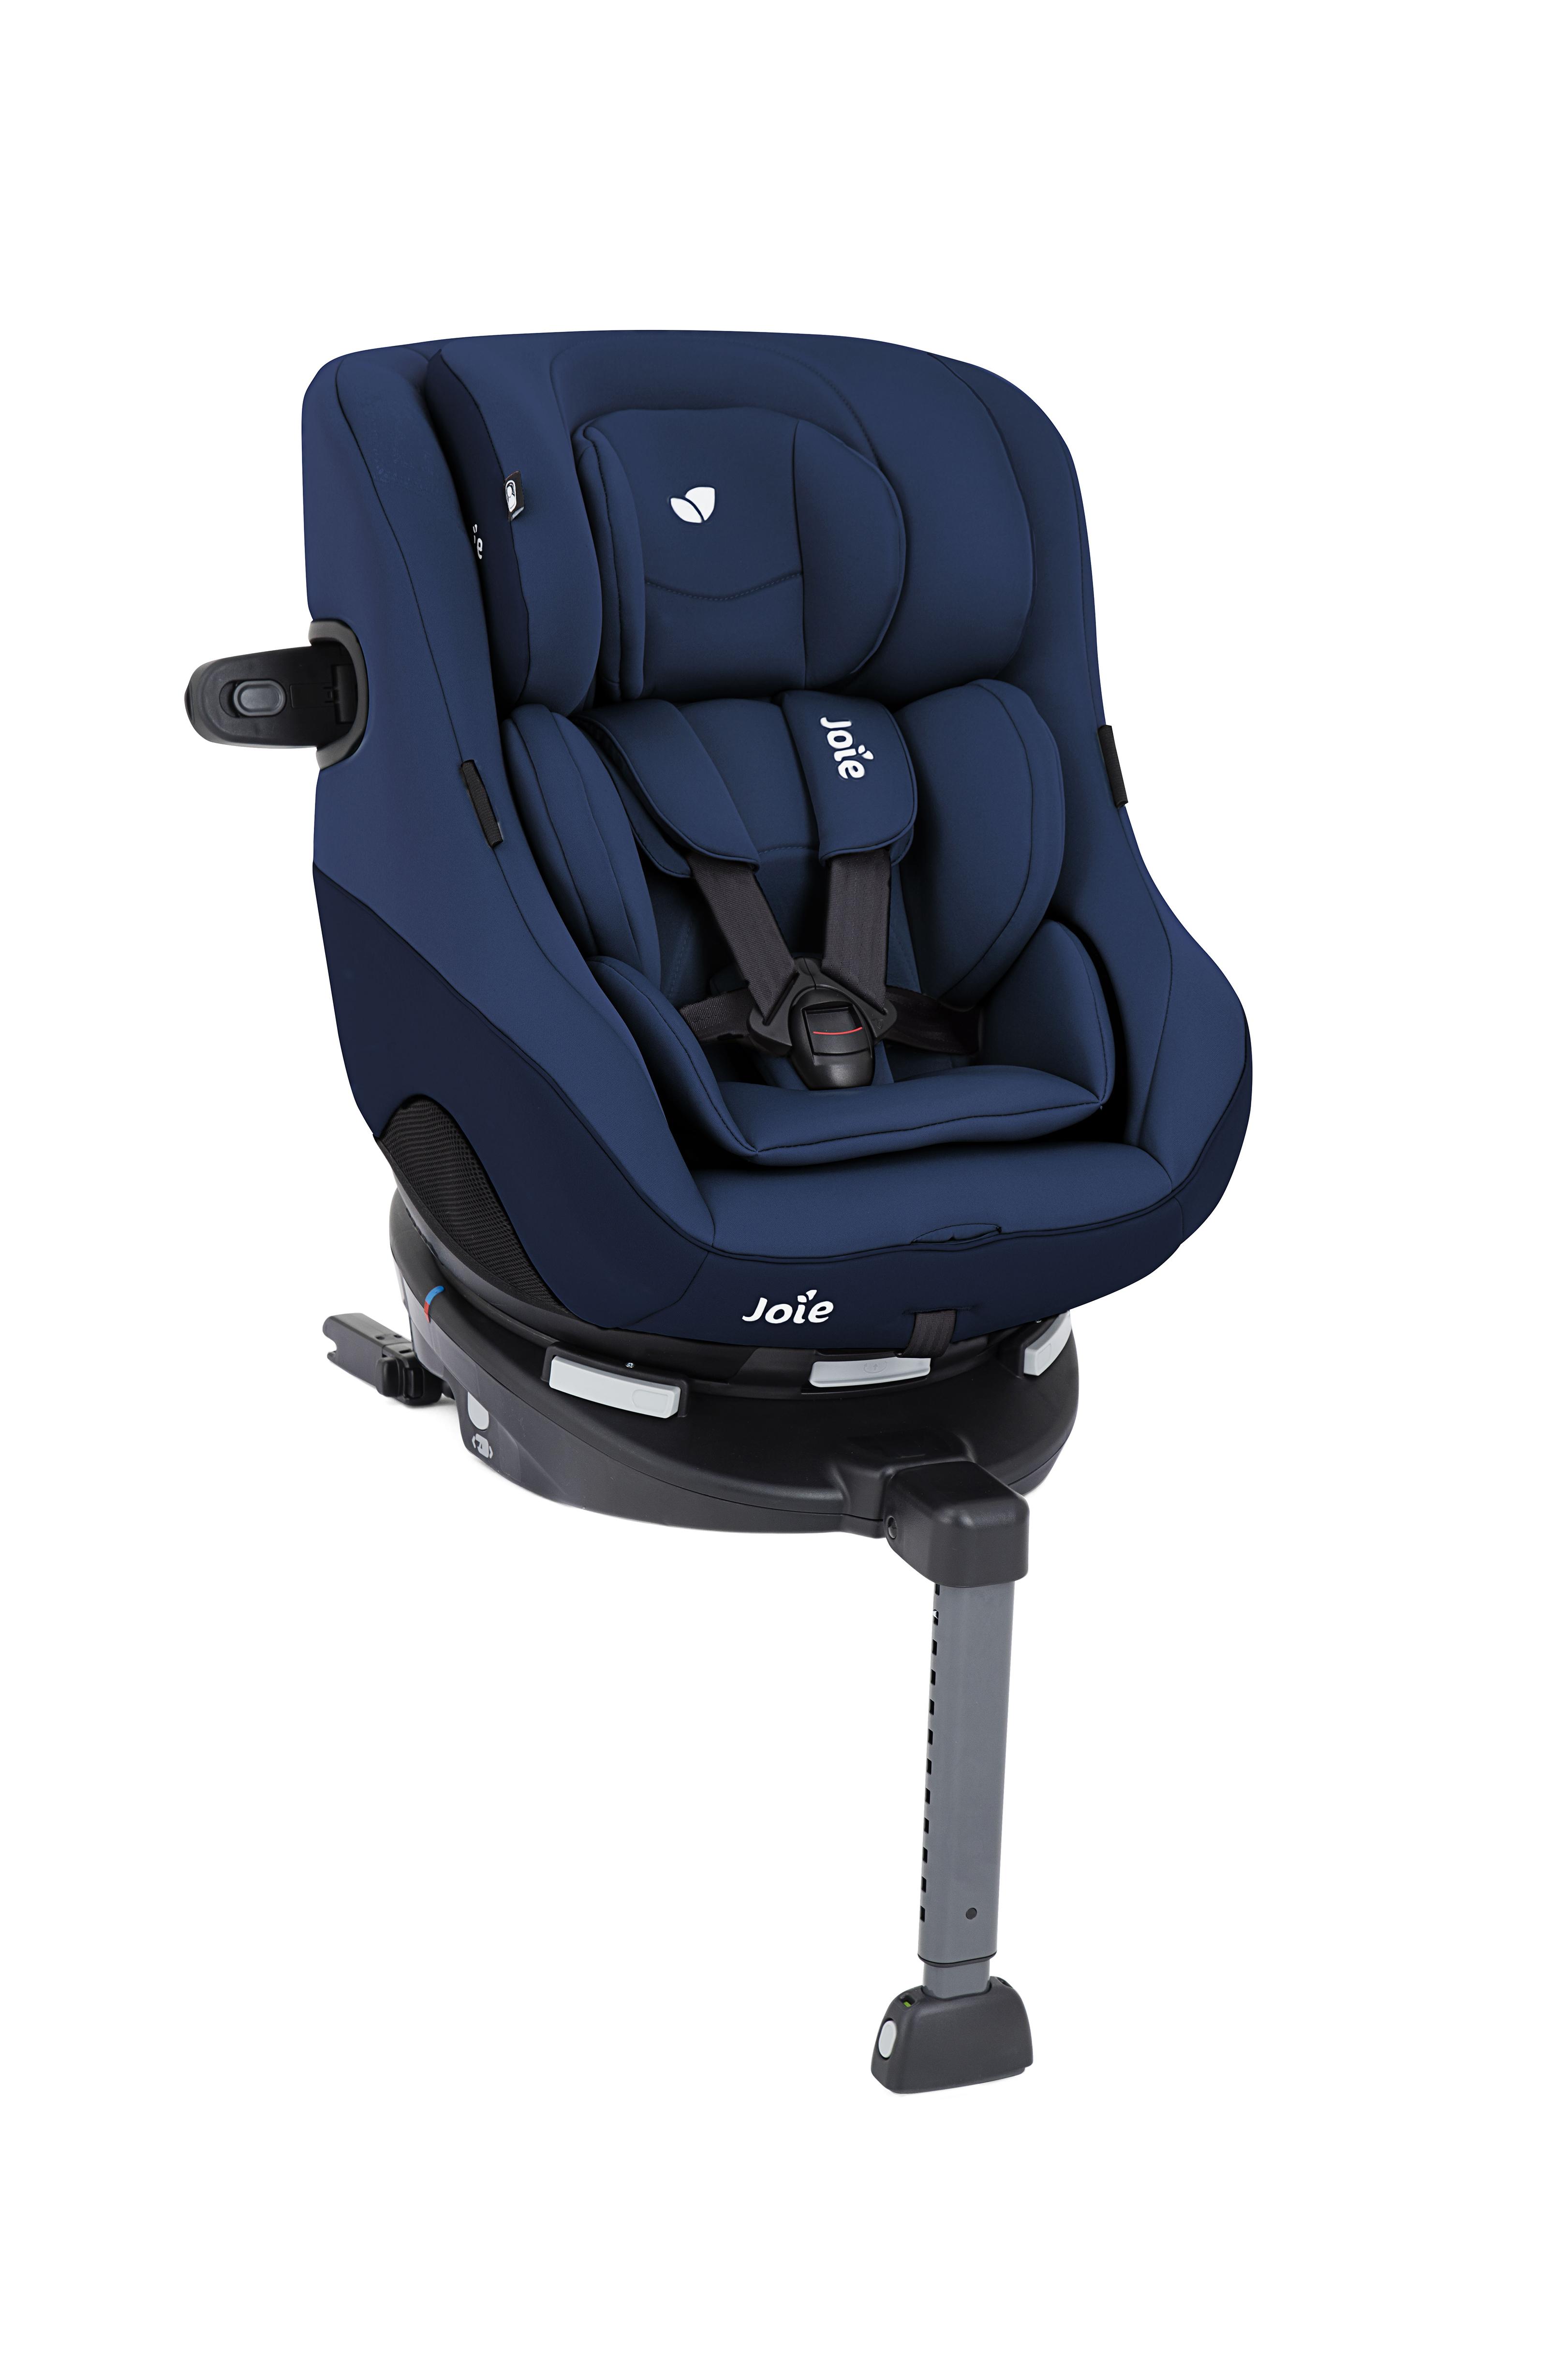 joie reboard sitze von 0 18 kg autositze baby. Black Bedroom Furniture Sets. Home Design Ideas